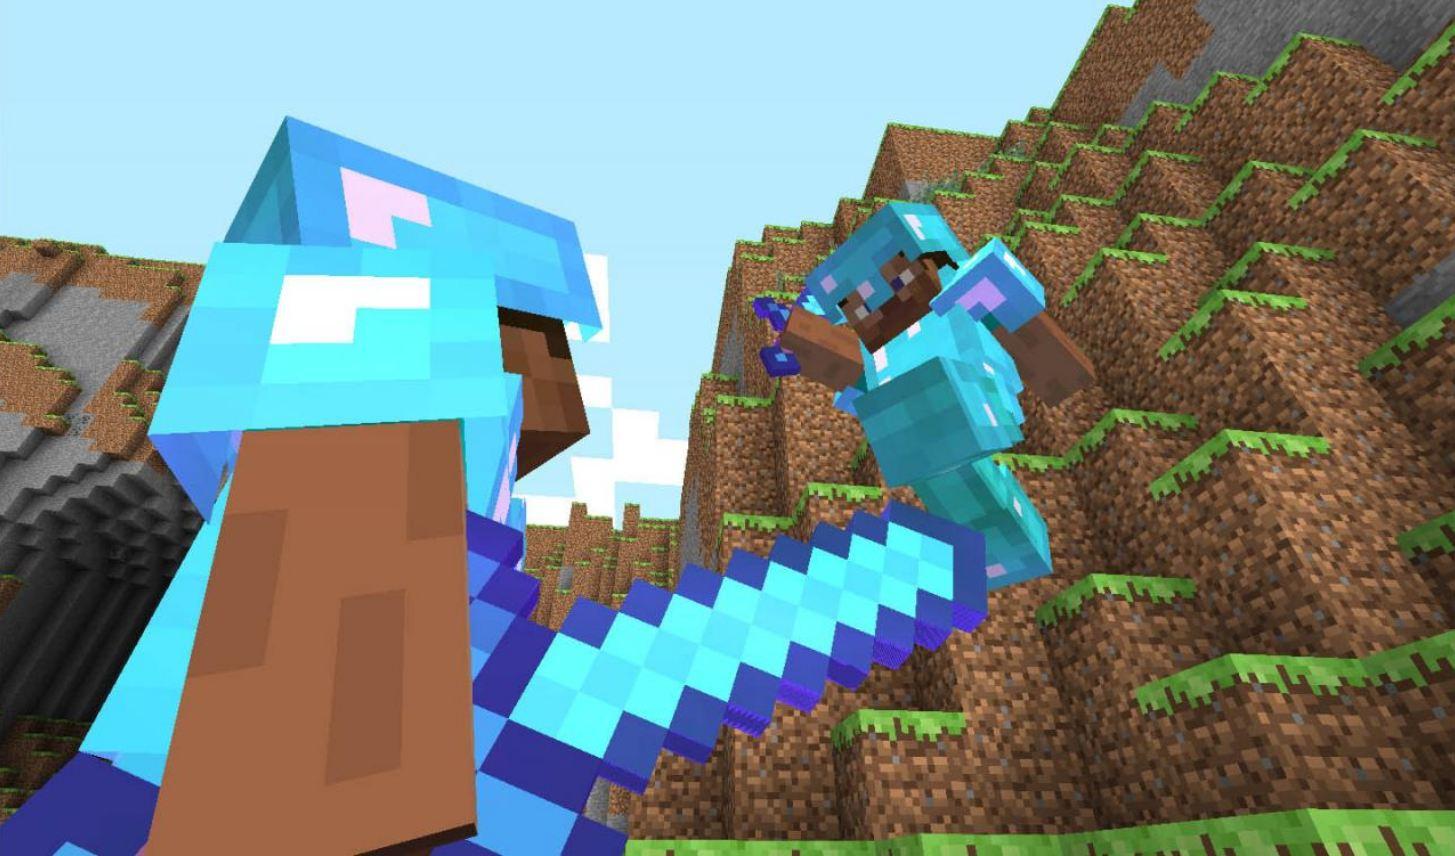 wallpaper-minecraft-avec-deux-joueurs-en-armure-de-diamant-qui-se-battent.jpg